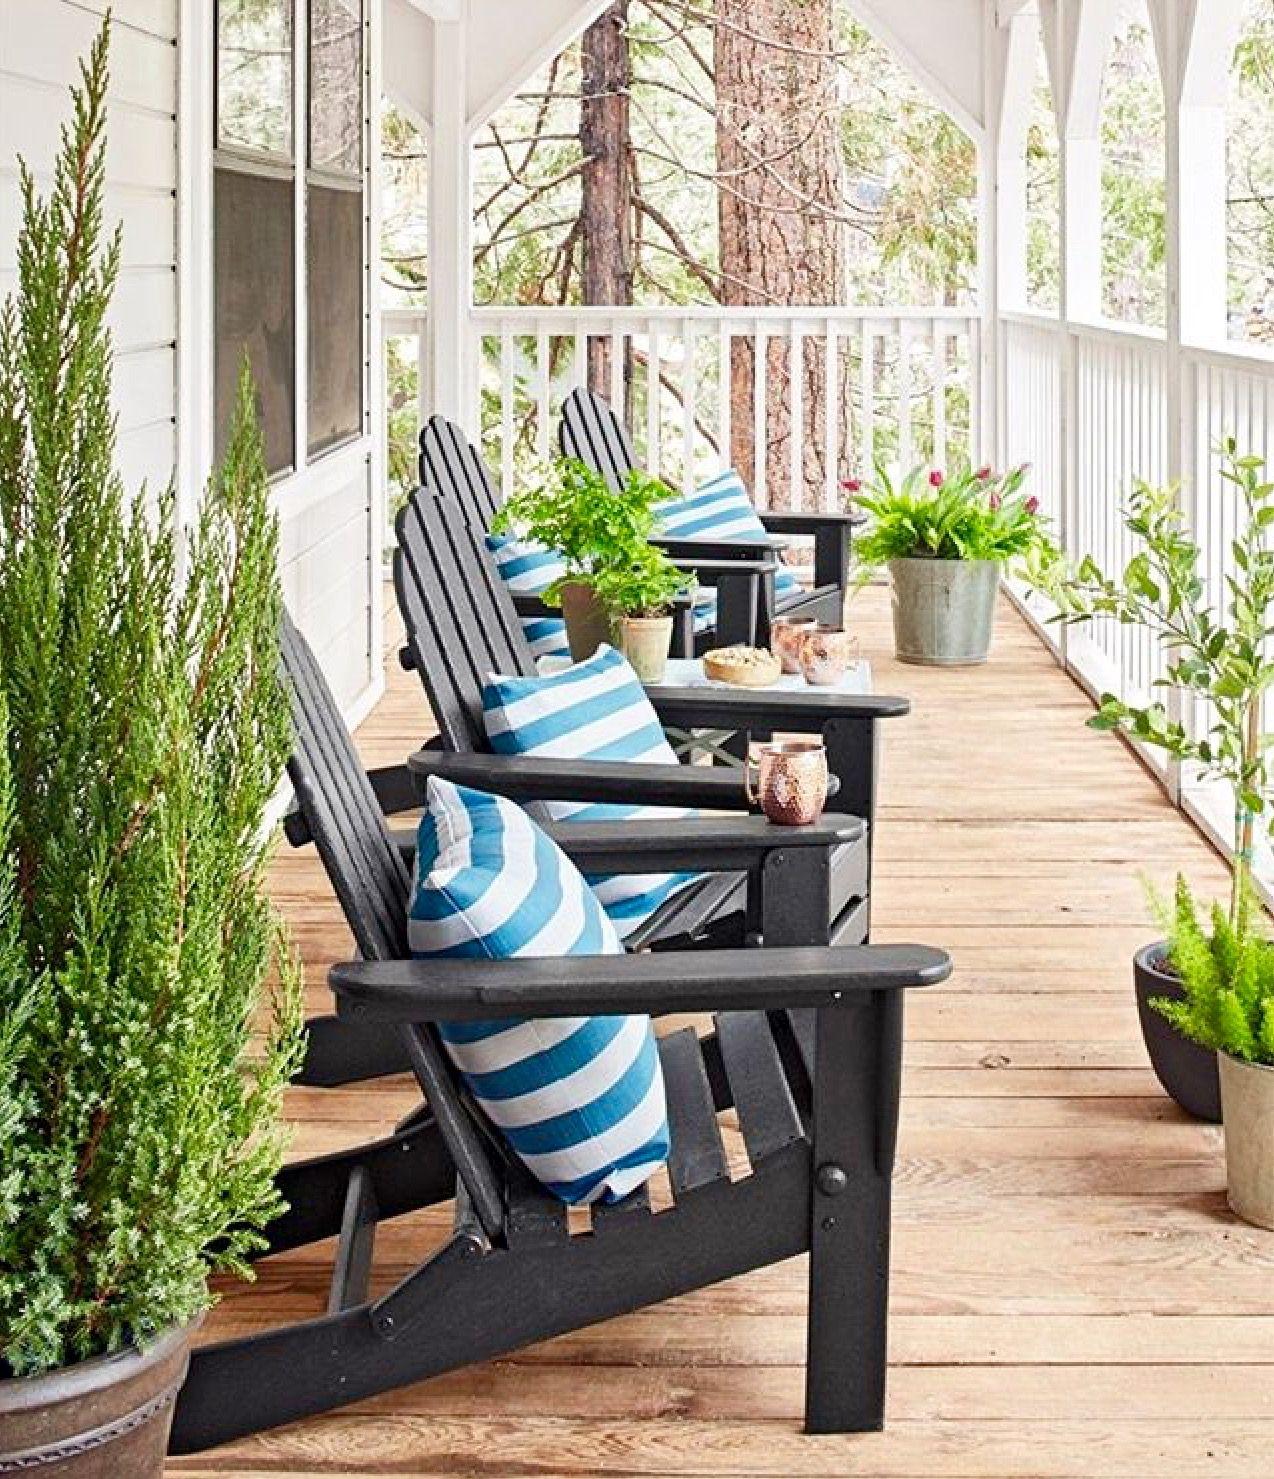 Gartenmöbel #Garten #Gartenbank #Beistelltisch #Möbel #Entspannung ...